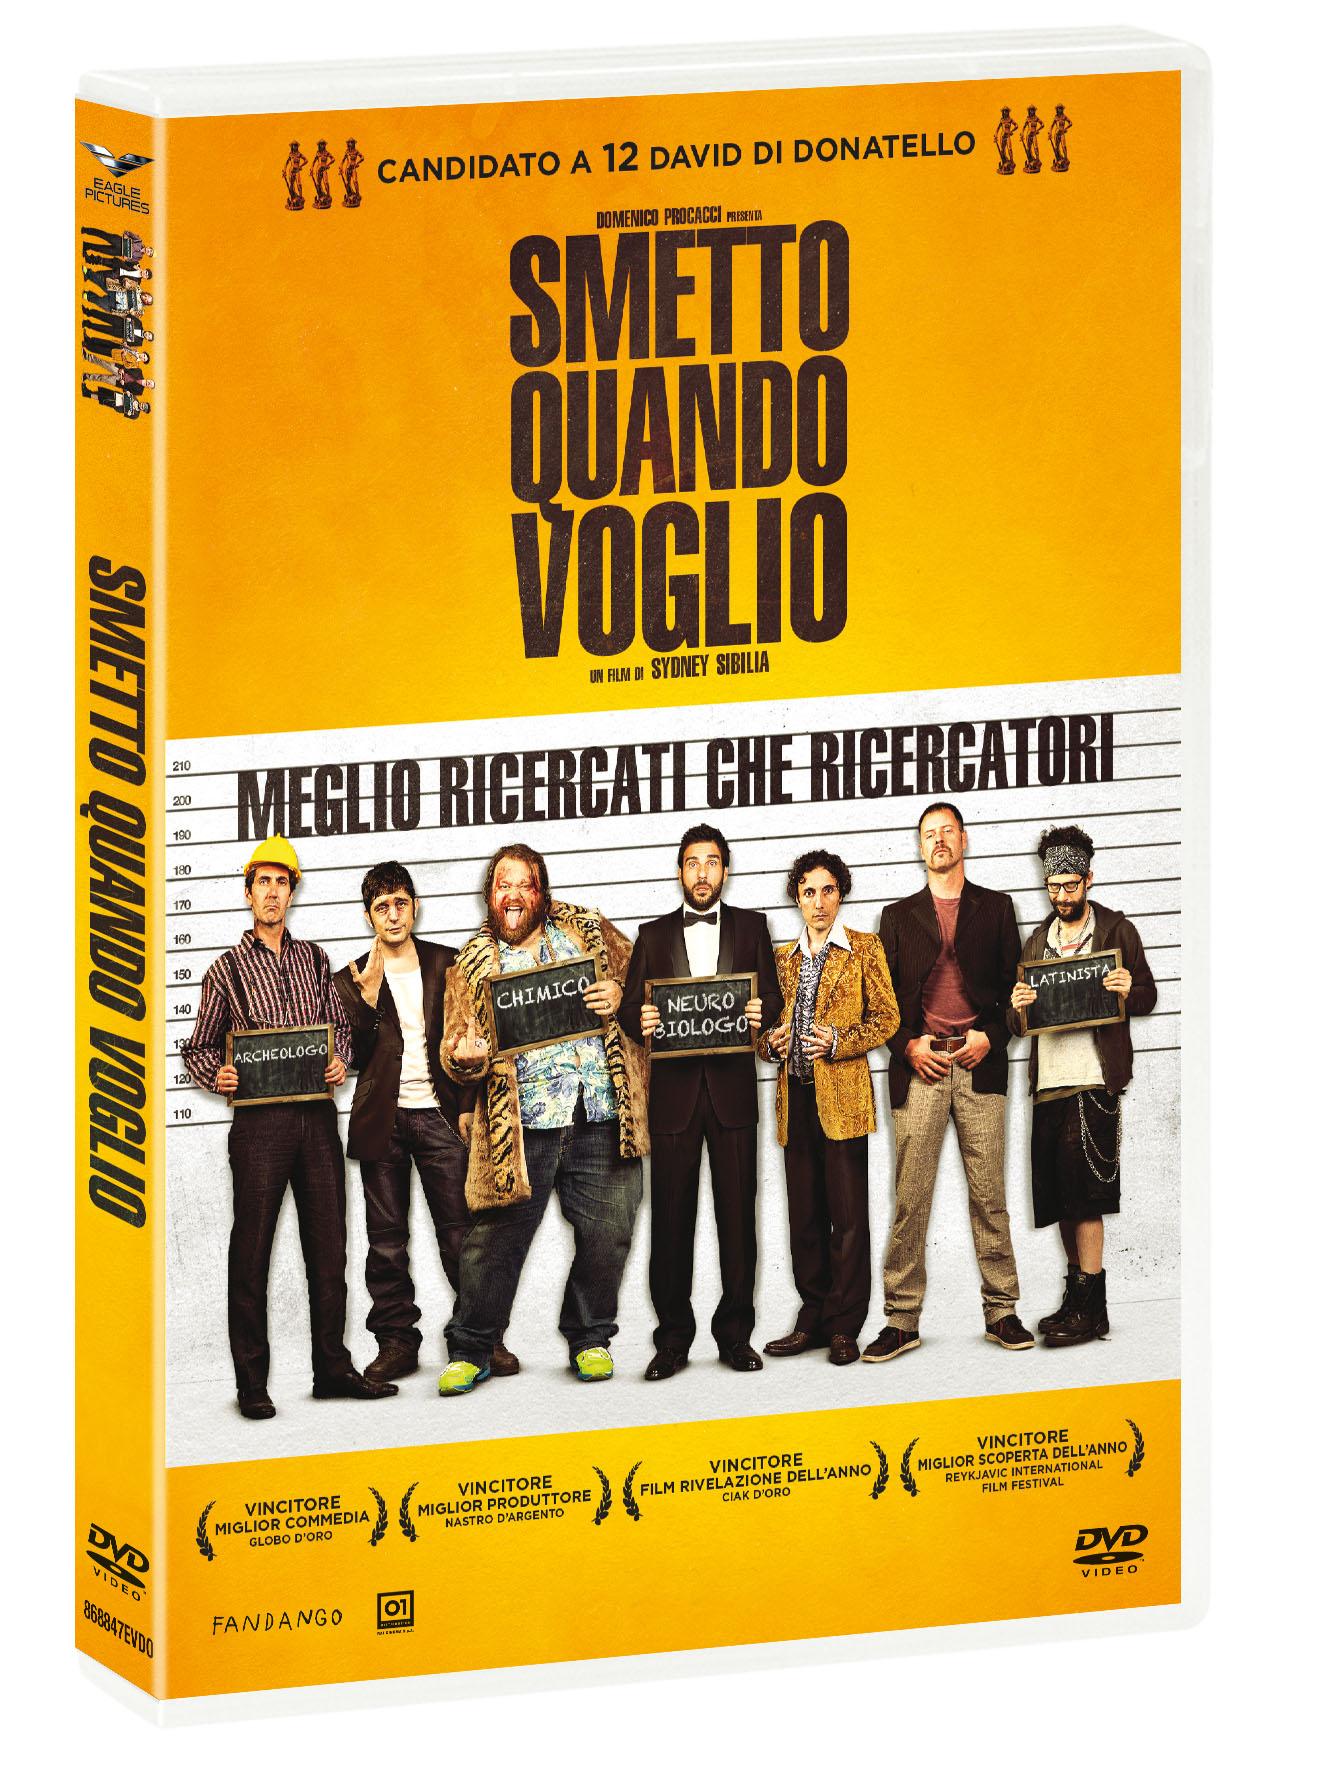 SMETTO QUANDO VOGLIO (DVD)